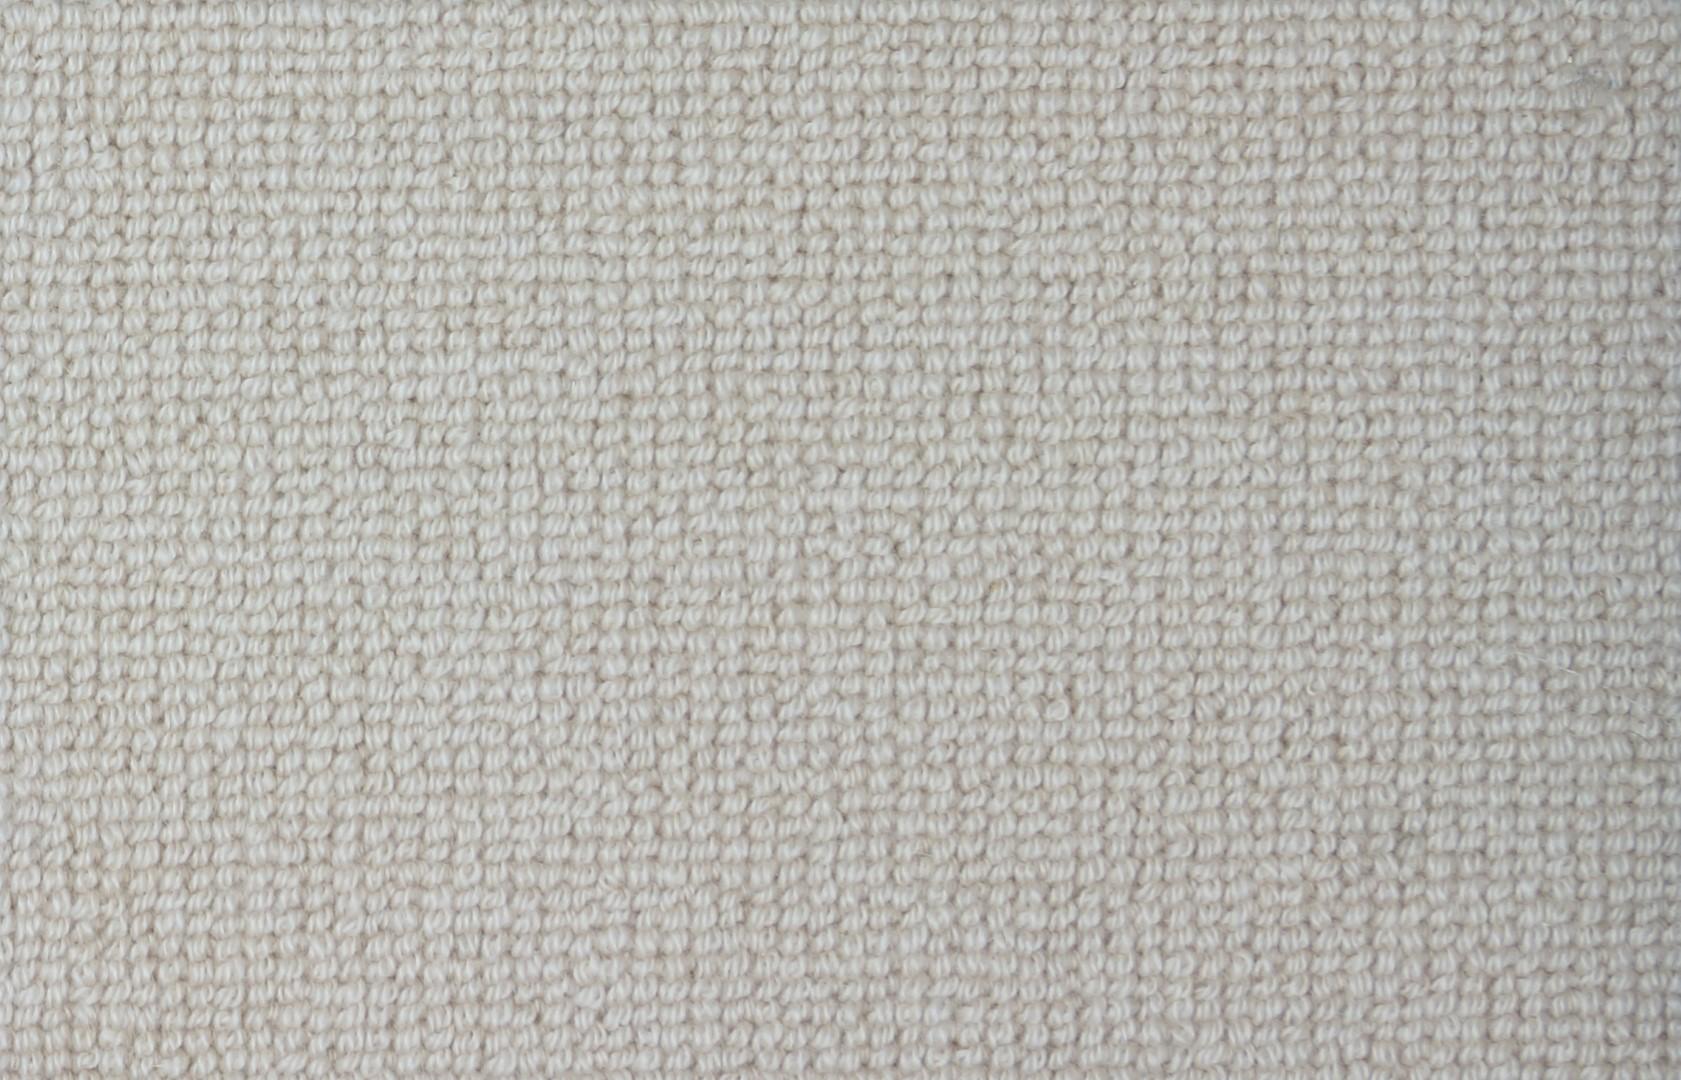 Moquette textur e 100 laine avana beige collection for Moquette grise texture